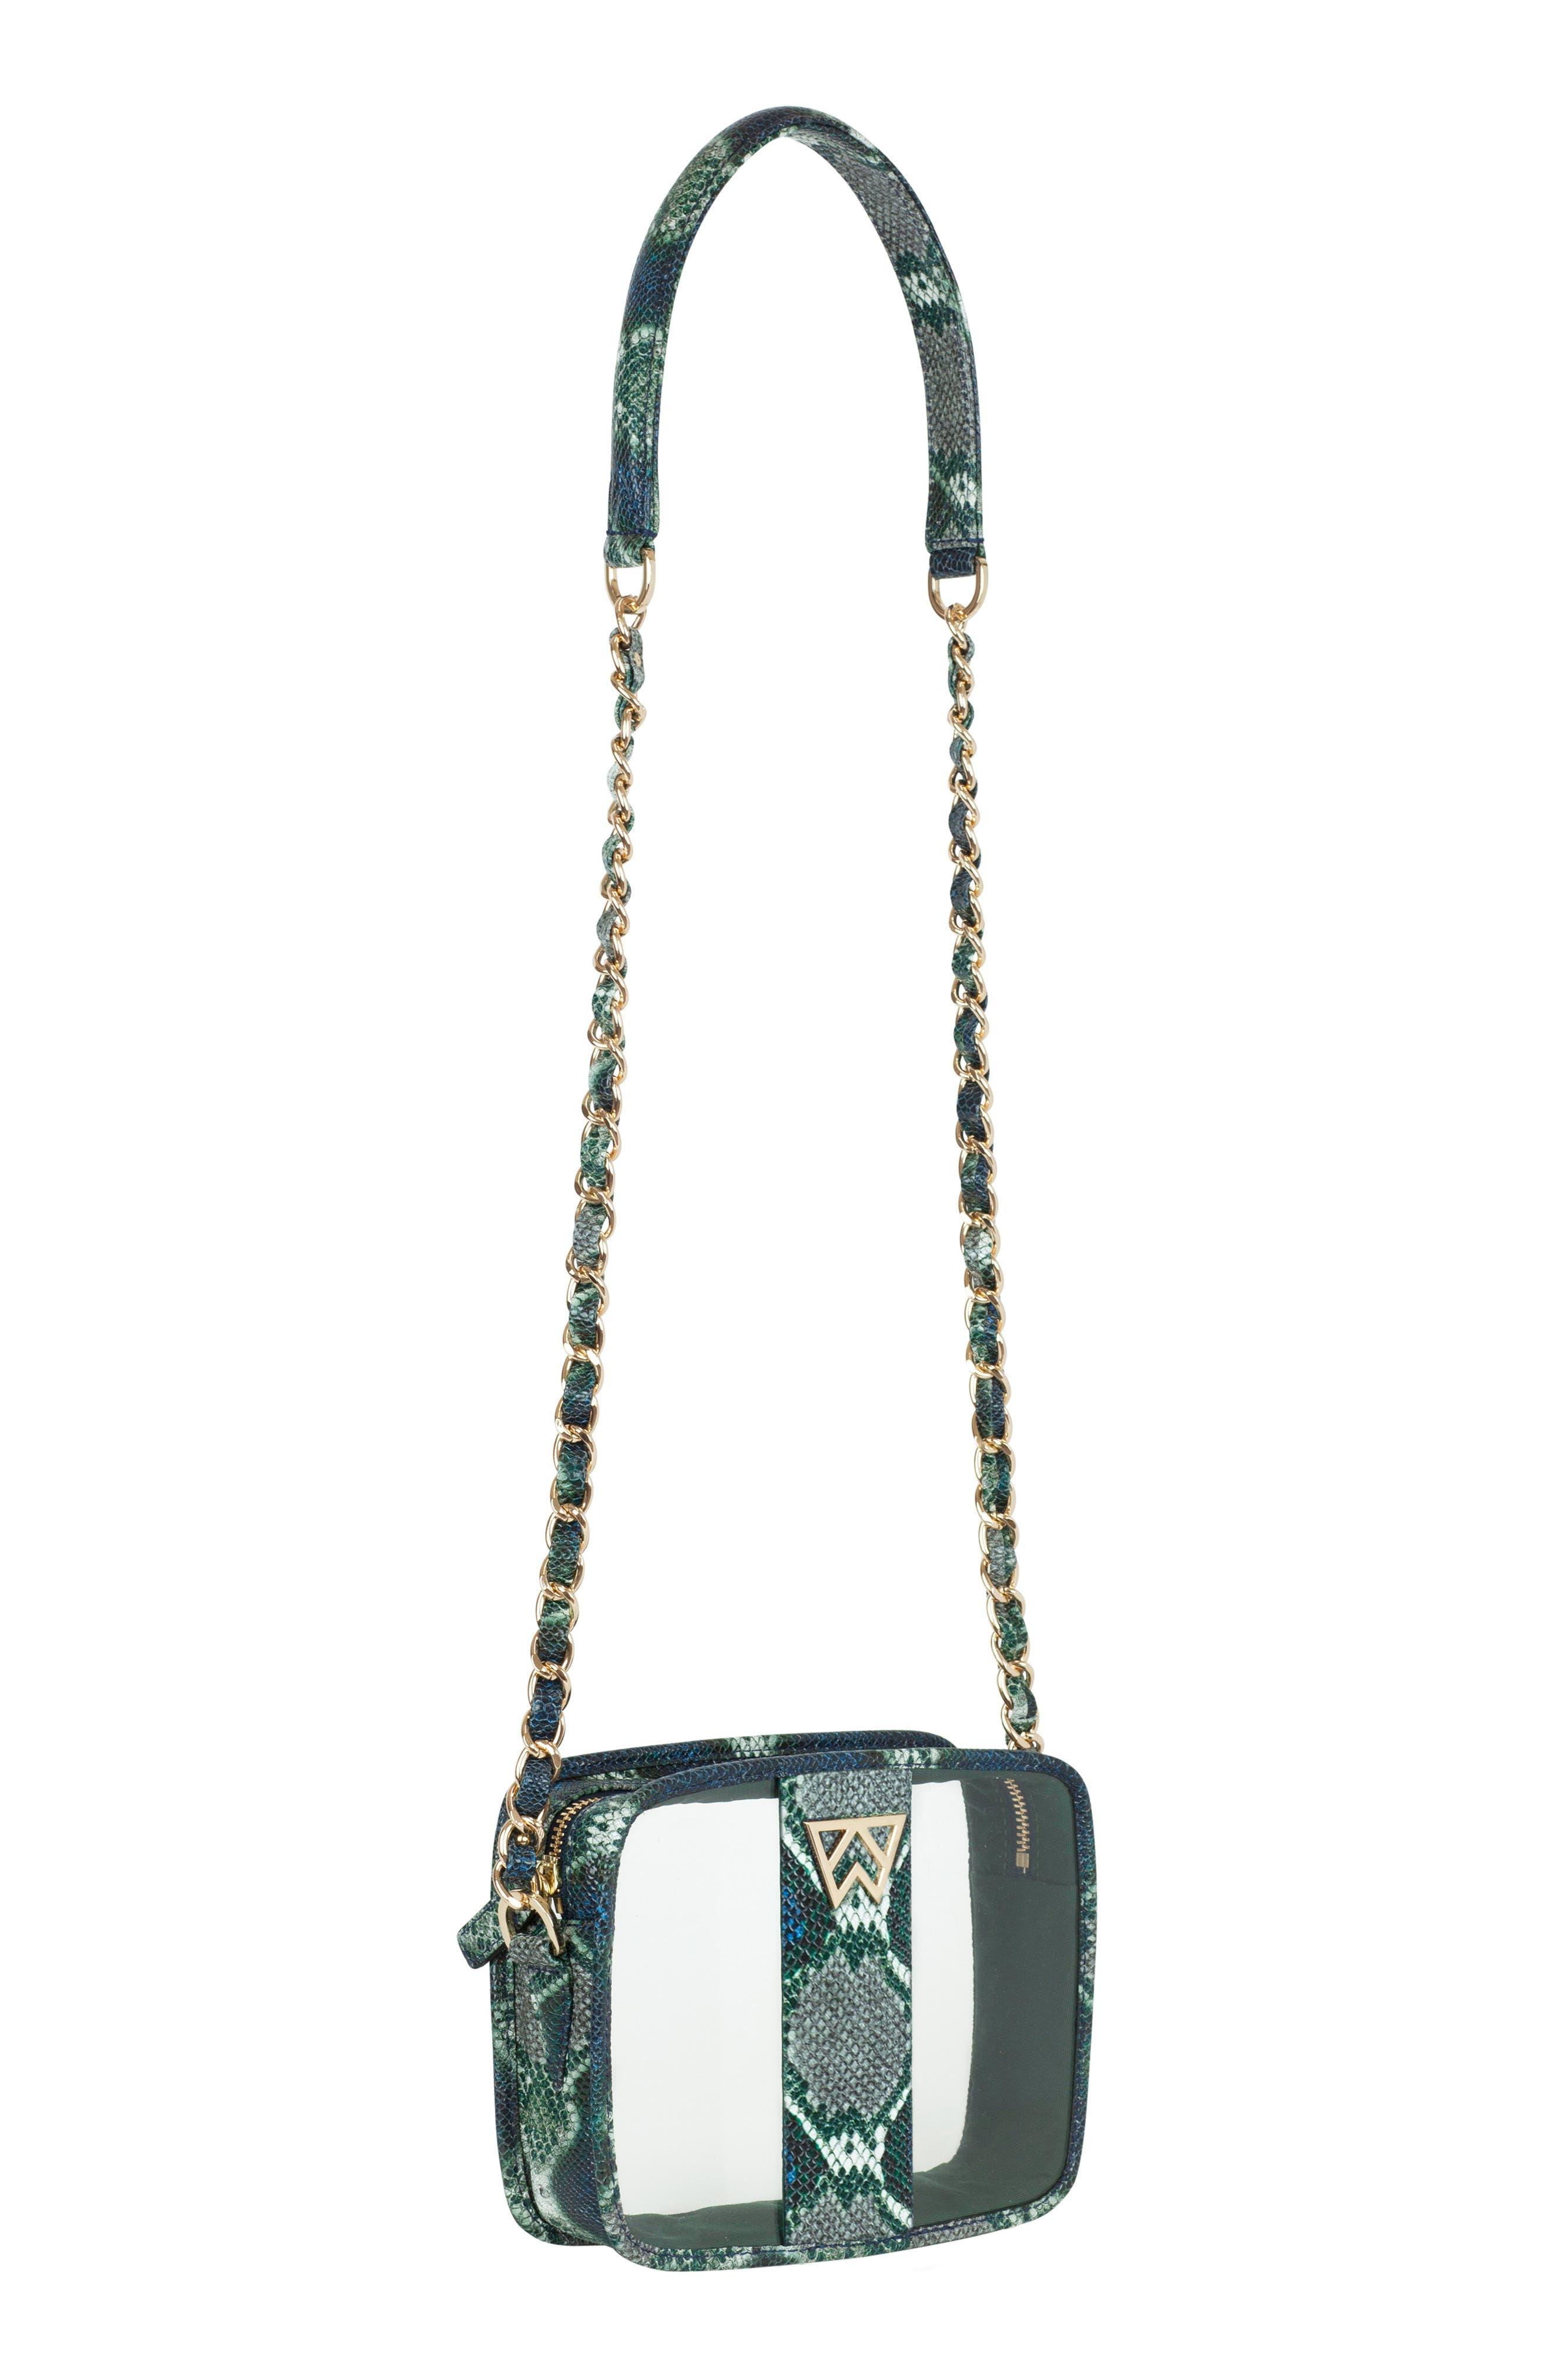 Clear Mingle Mingle Mini Crossbody Bag,                             Alternate thumbnail 3, color,                             GREEN MULTI PYTHON